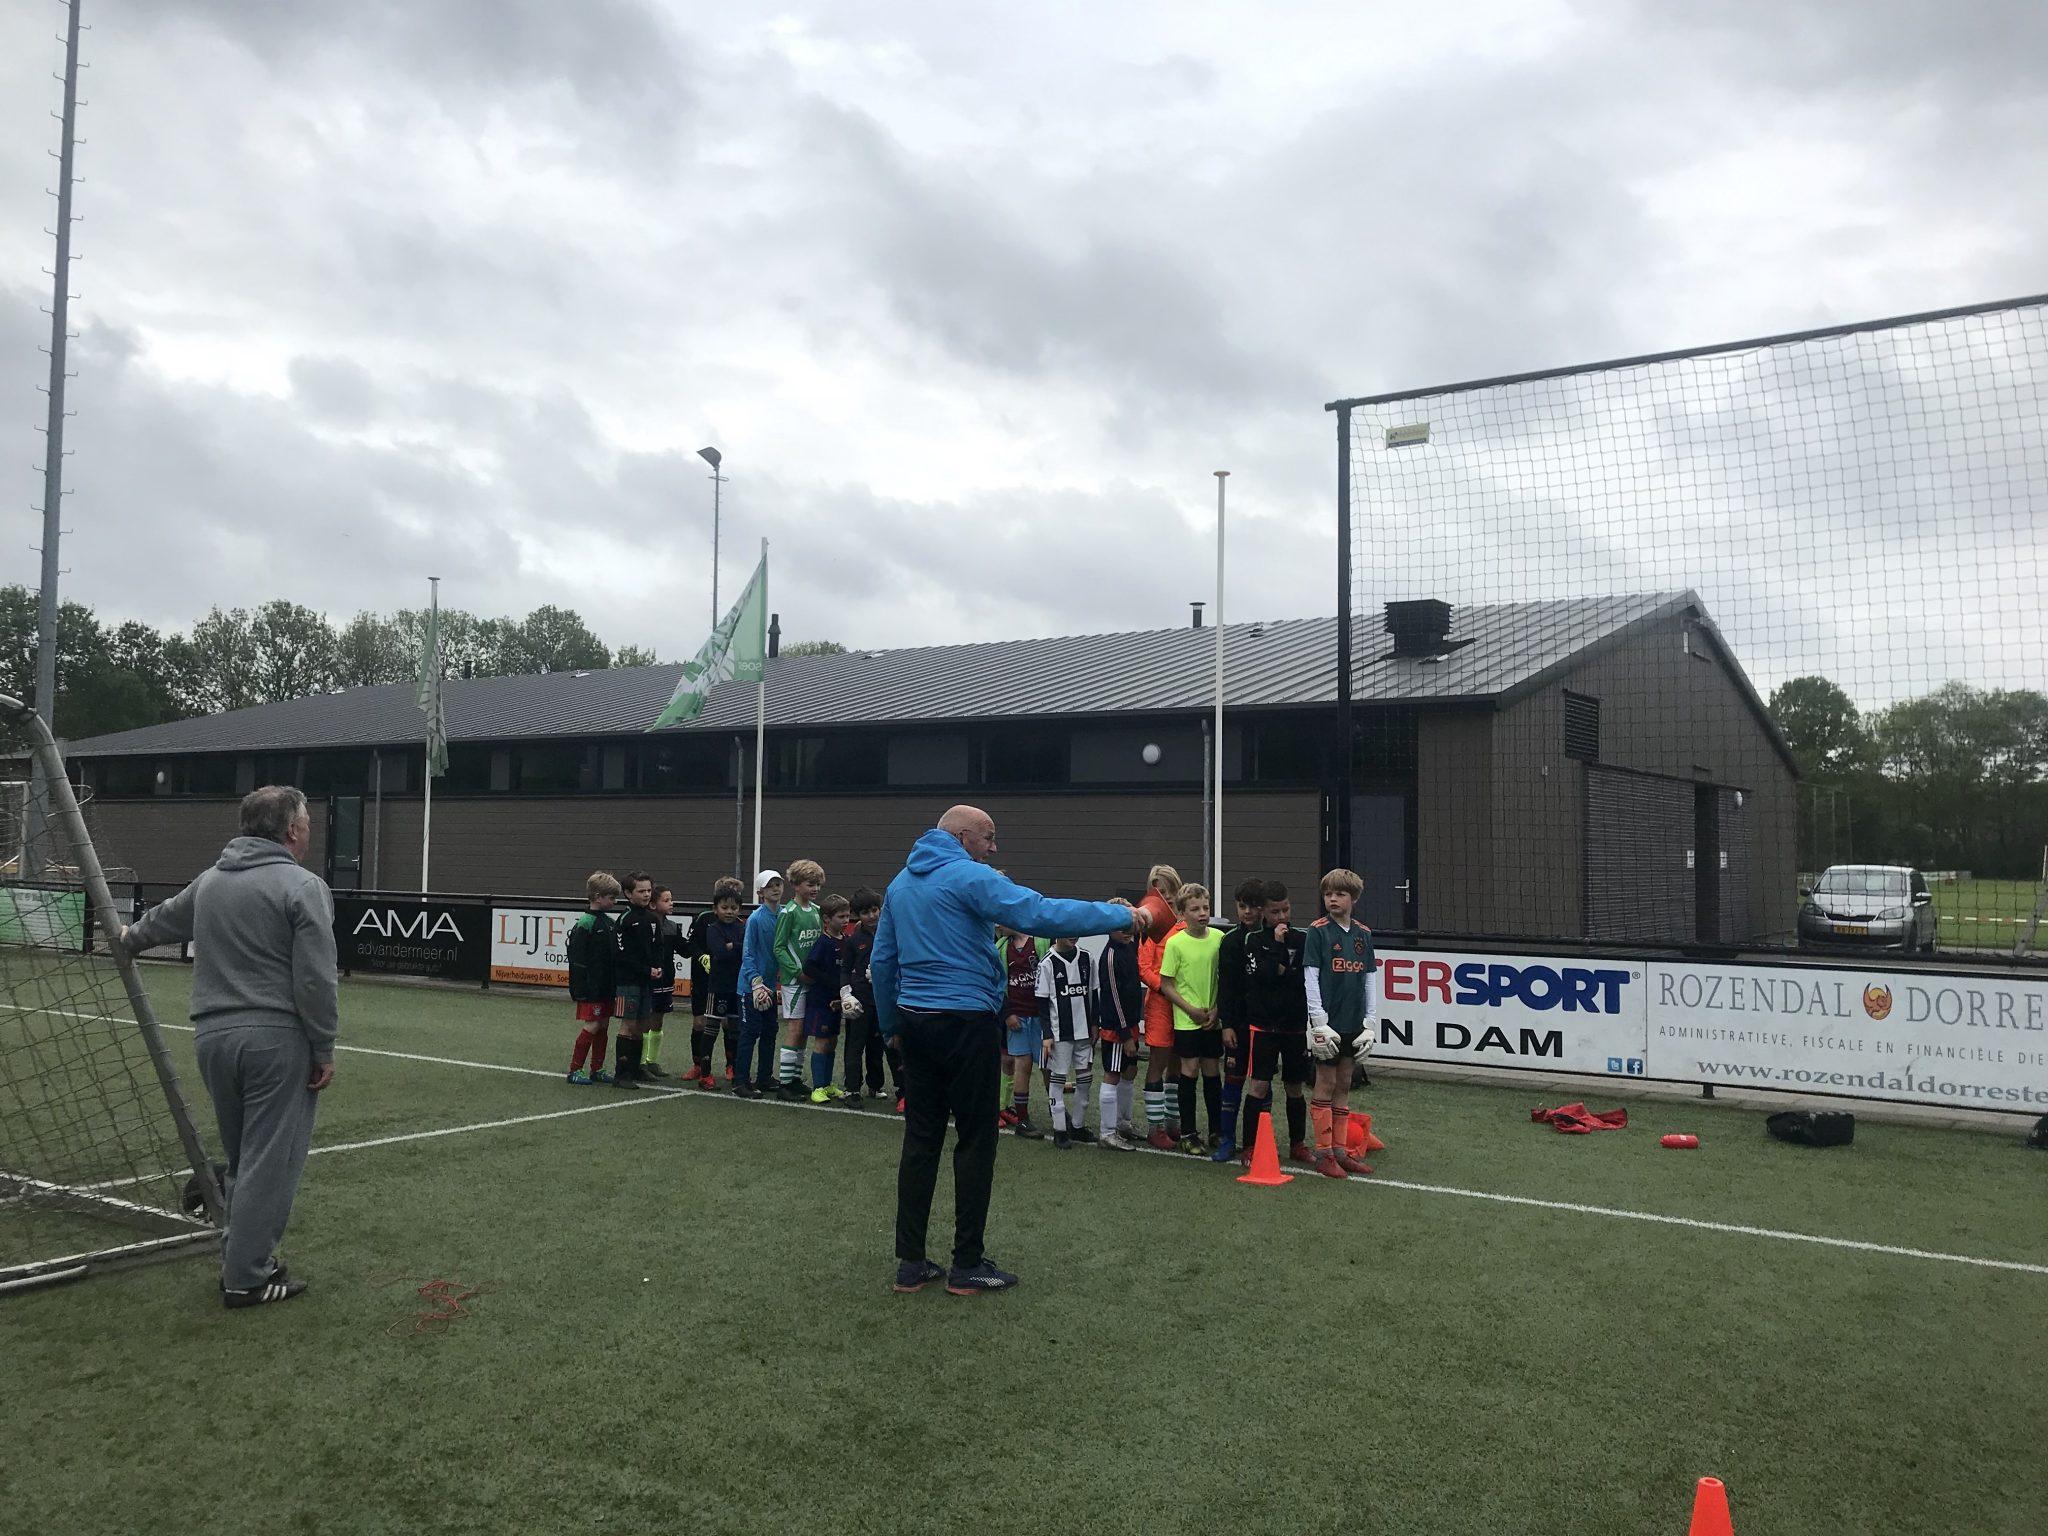 Trainingen voor jongste jeugd weer hervat!